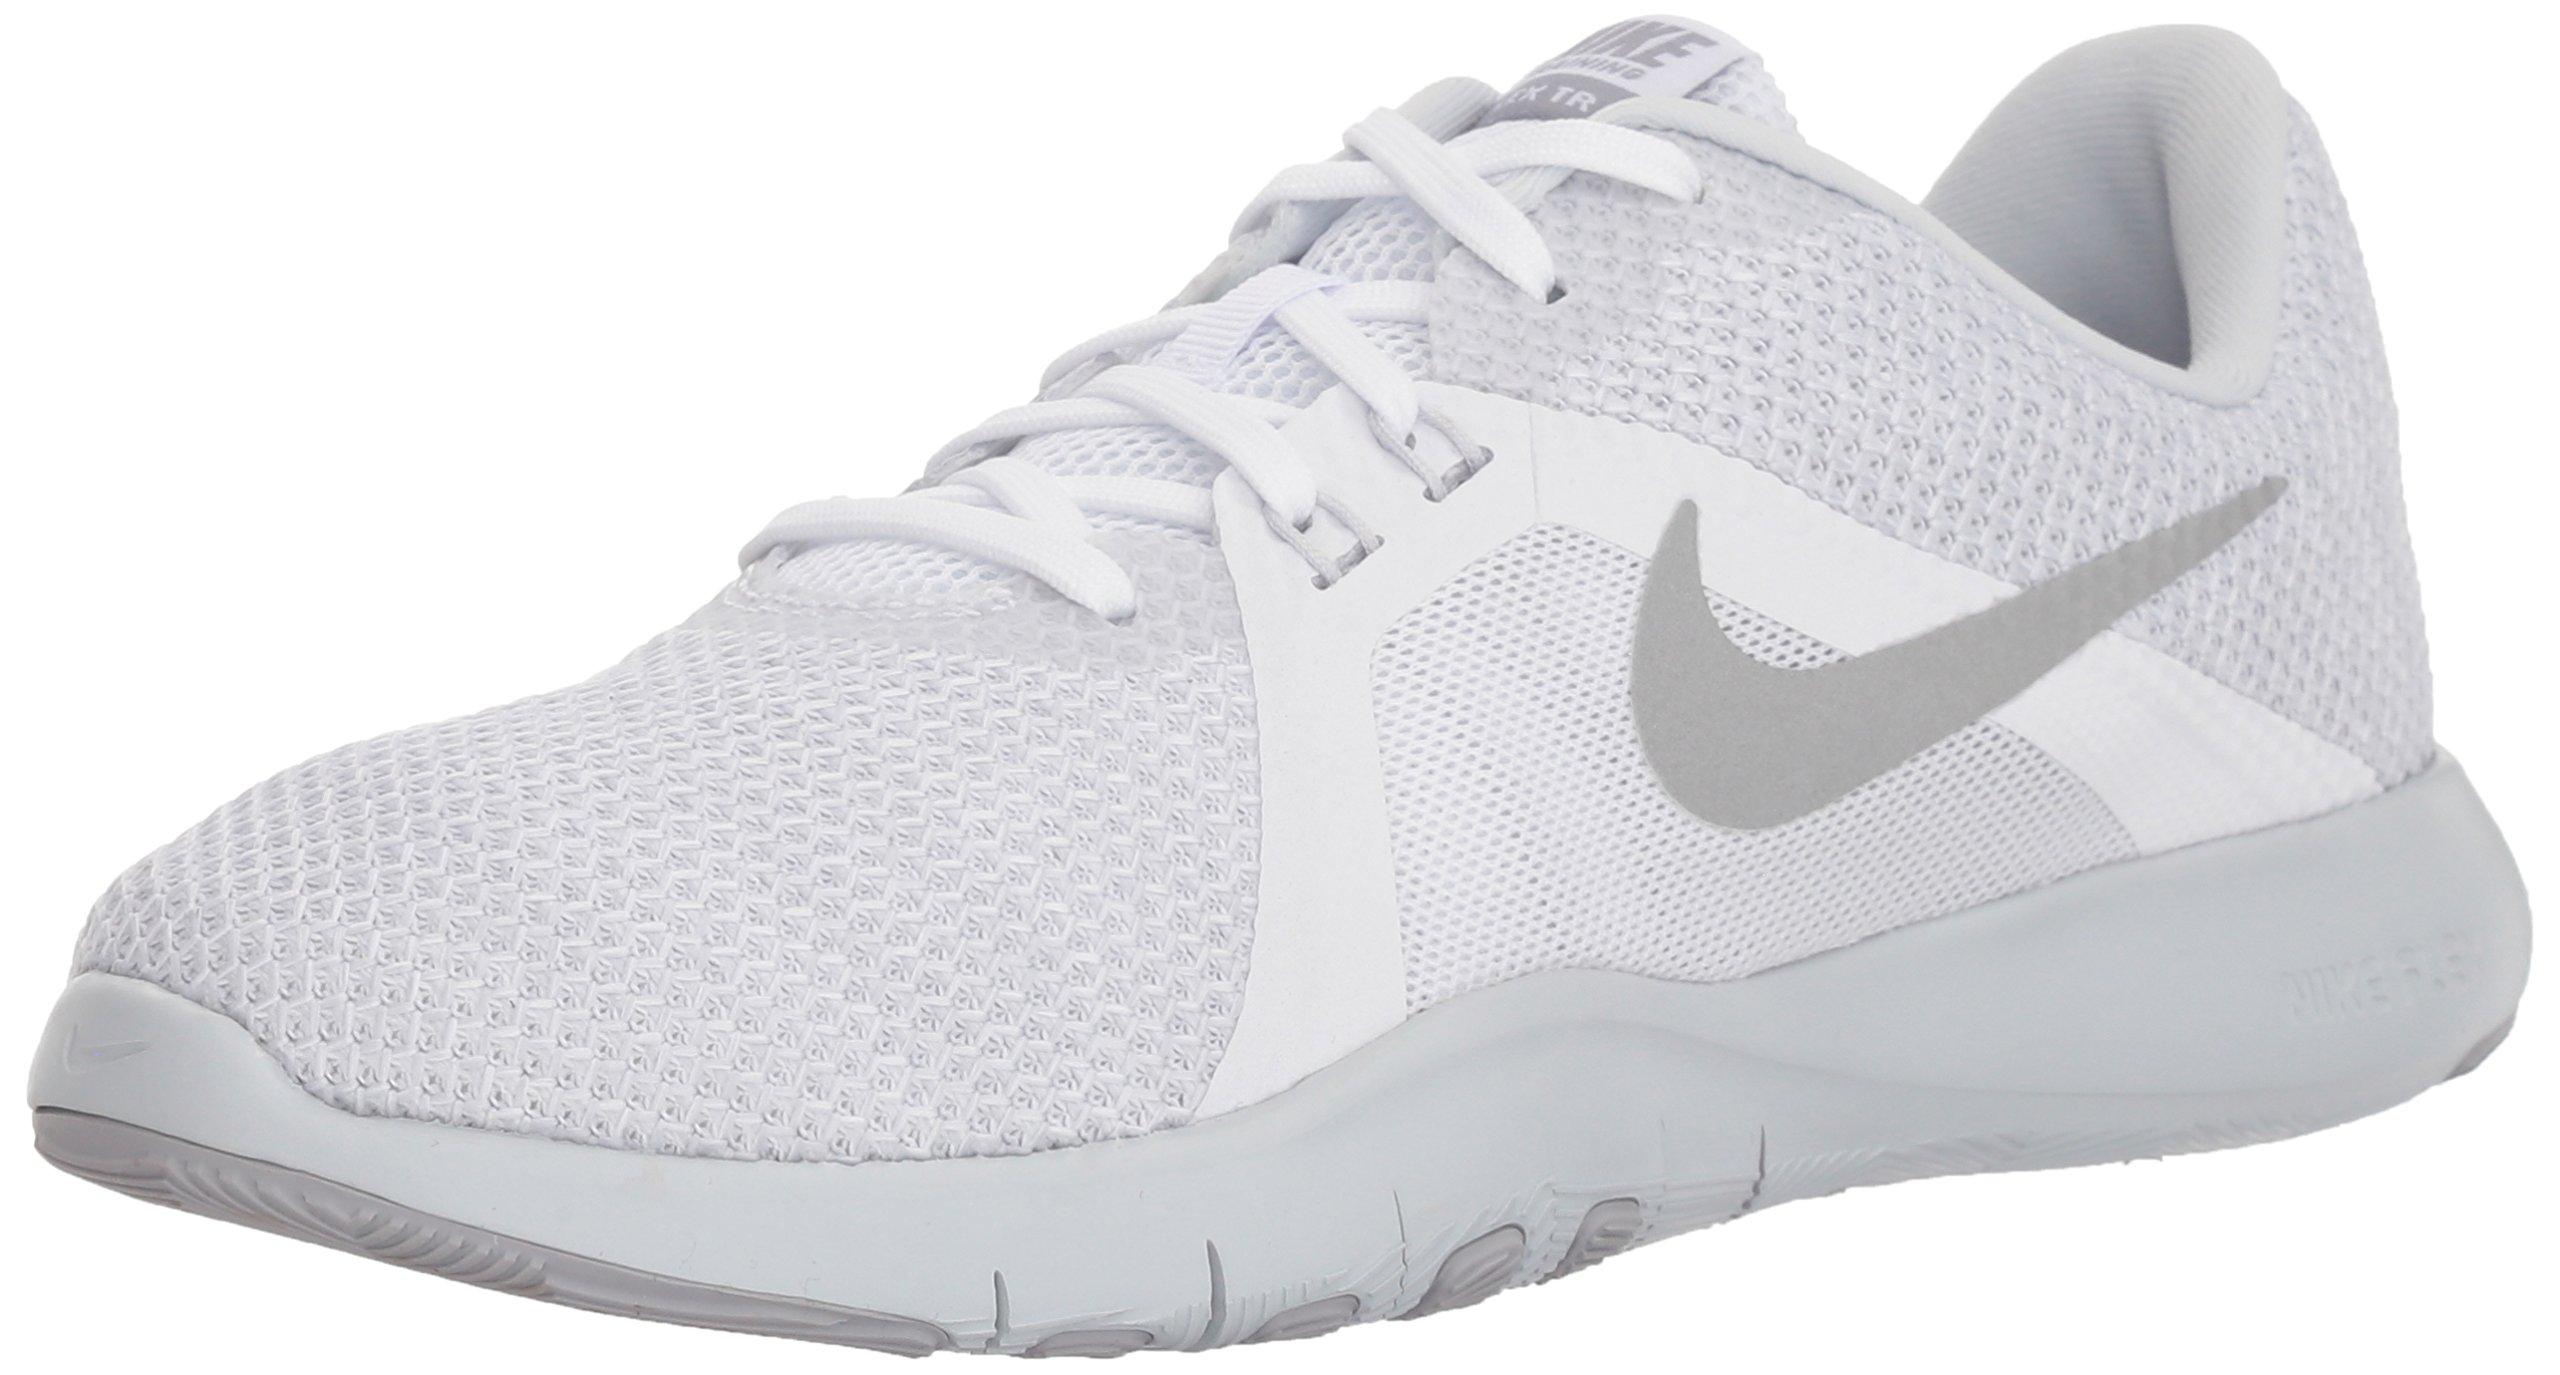 Nike Women's Flex Trainer 8 Cross